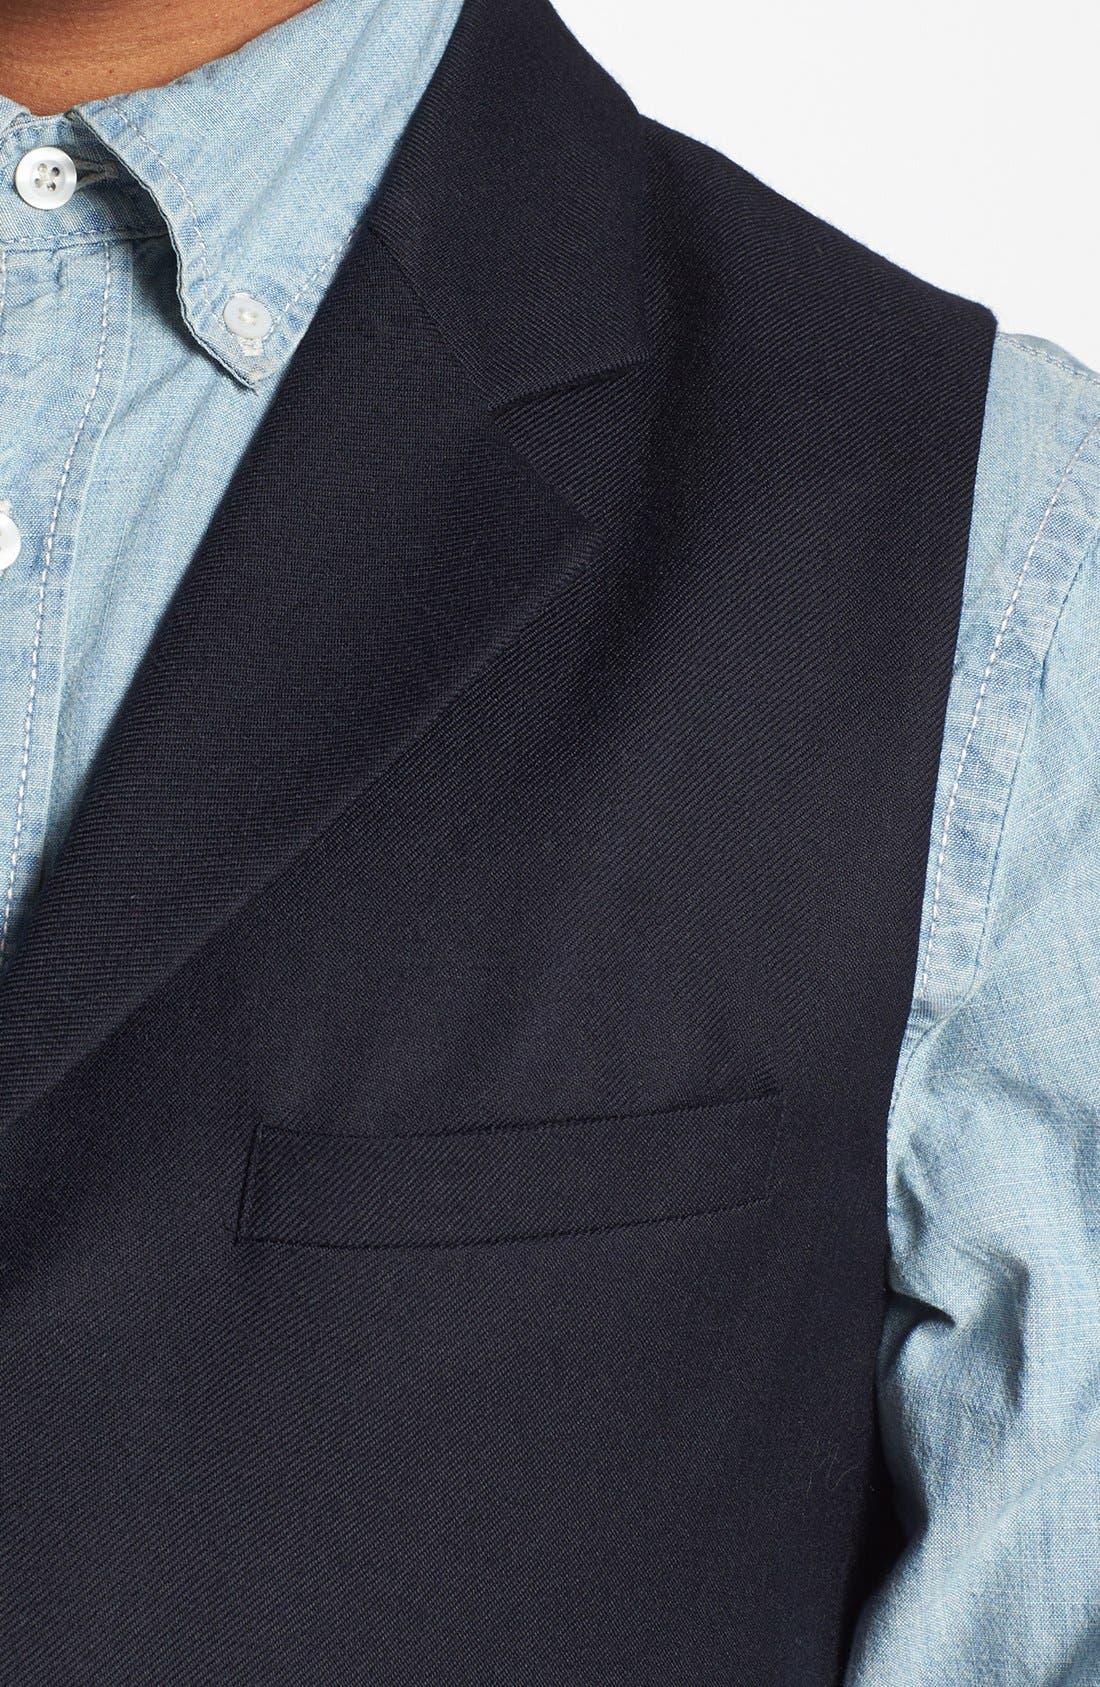 Alternate Image 3  - Scotch & Soda Cotton Vest